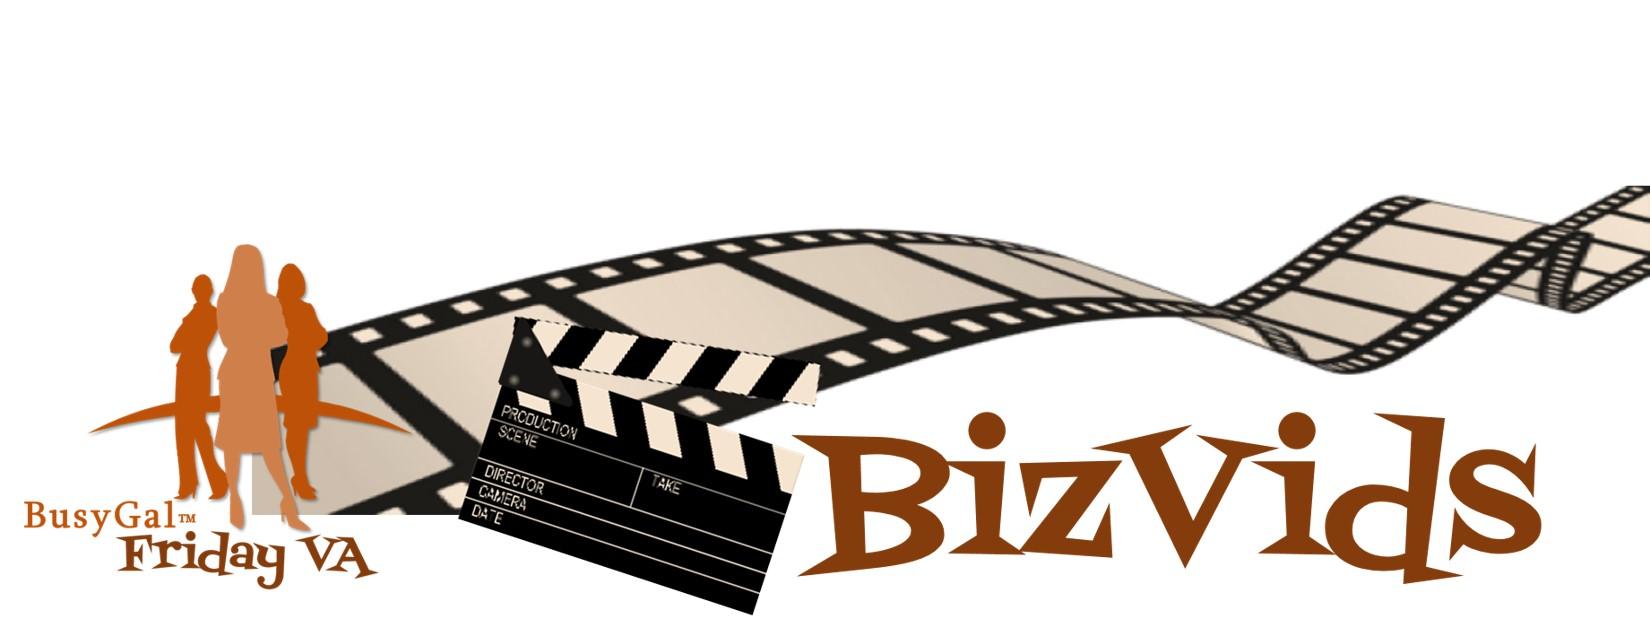 BizVids Video Logojpeg.jpg